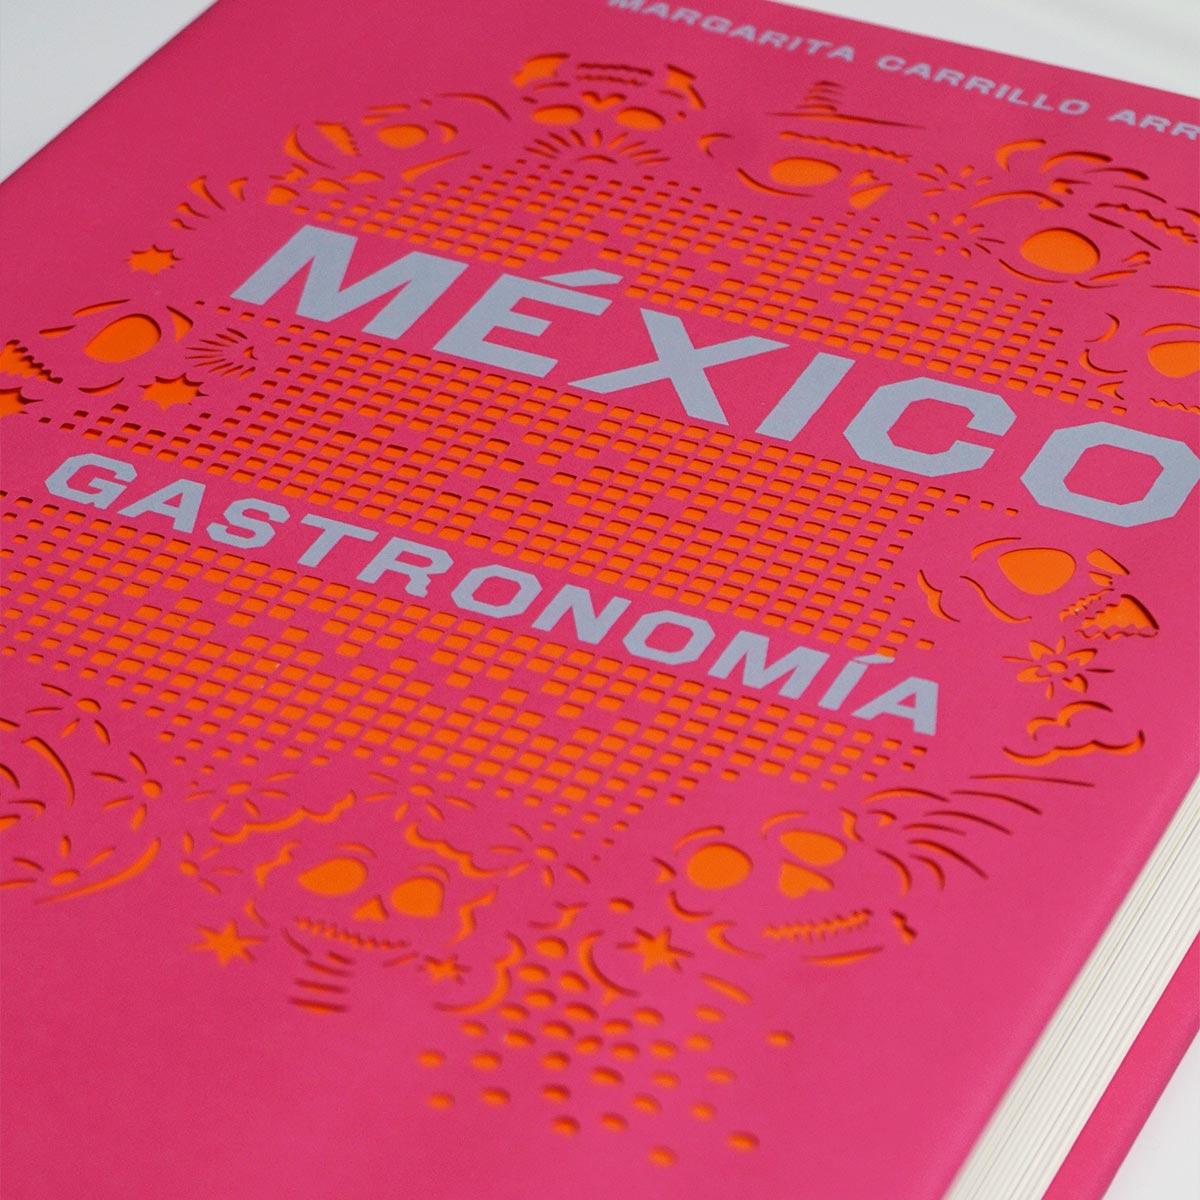 Portada México gastronomía